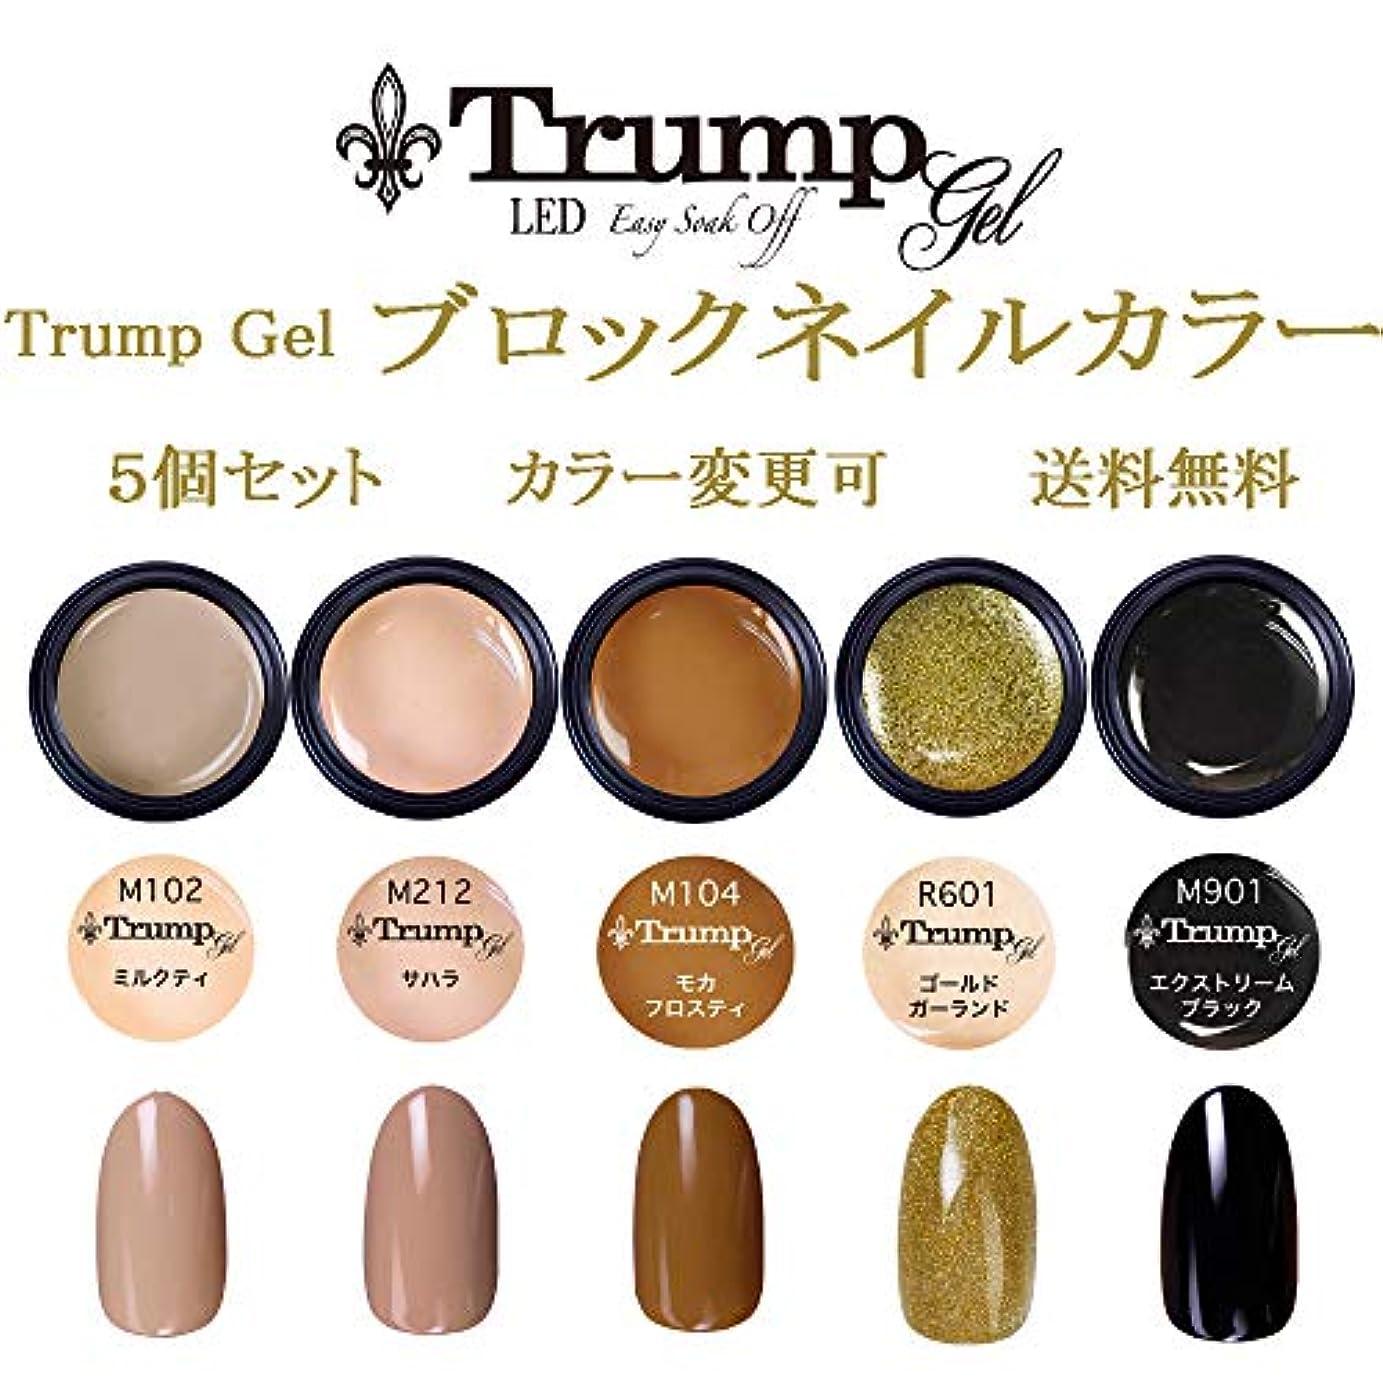 装置上学士日本製 Trump gel トランプジェル ブロックネイル 選べる カラージェル 5個セット ゴールド ラメ ブラウン ブラック ピンク ベージュ